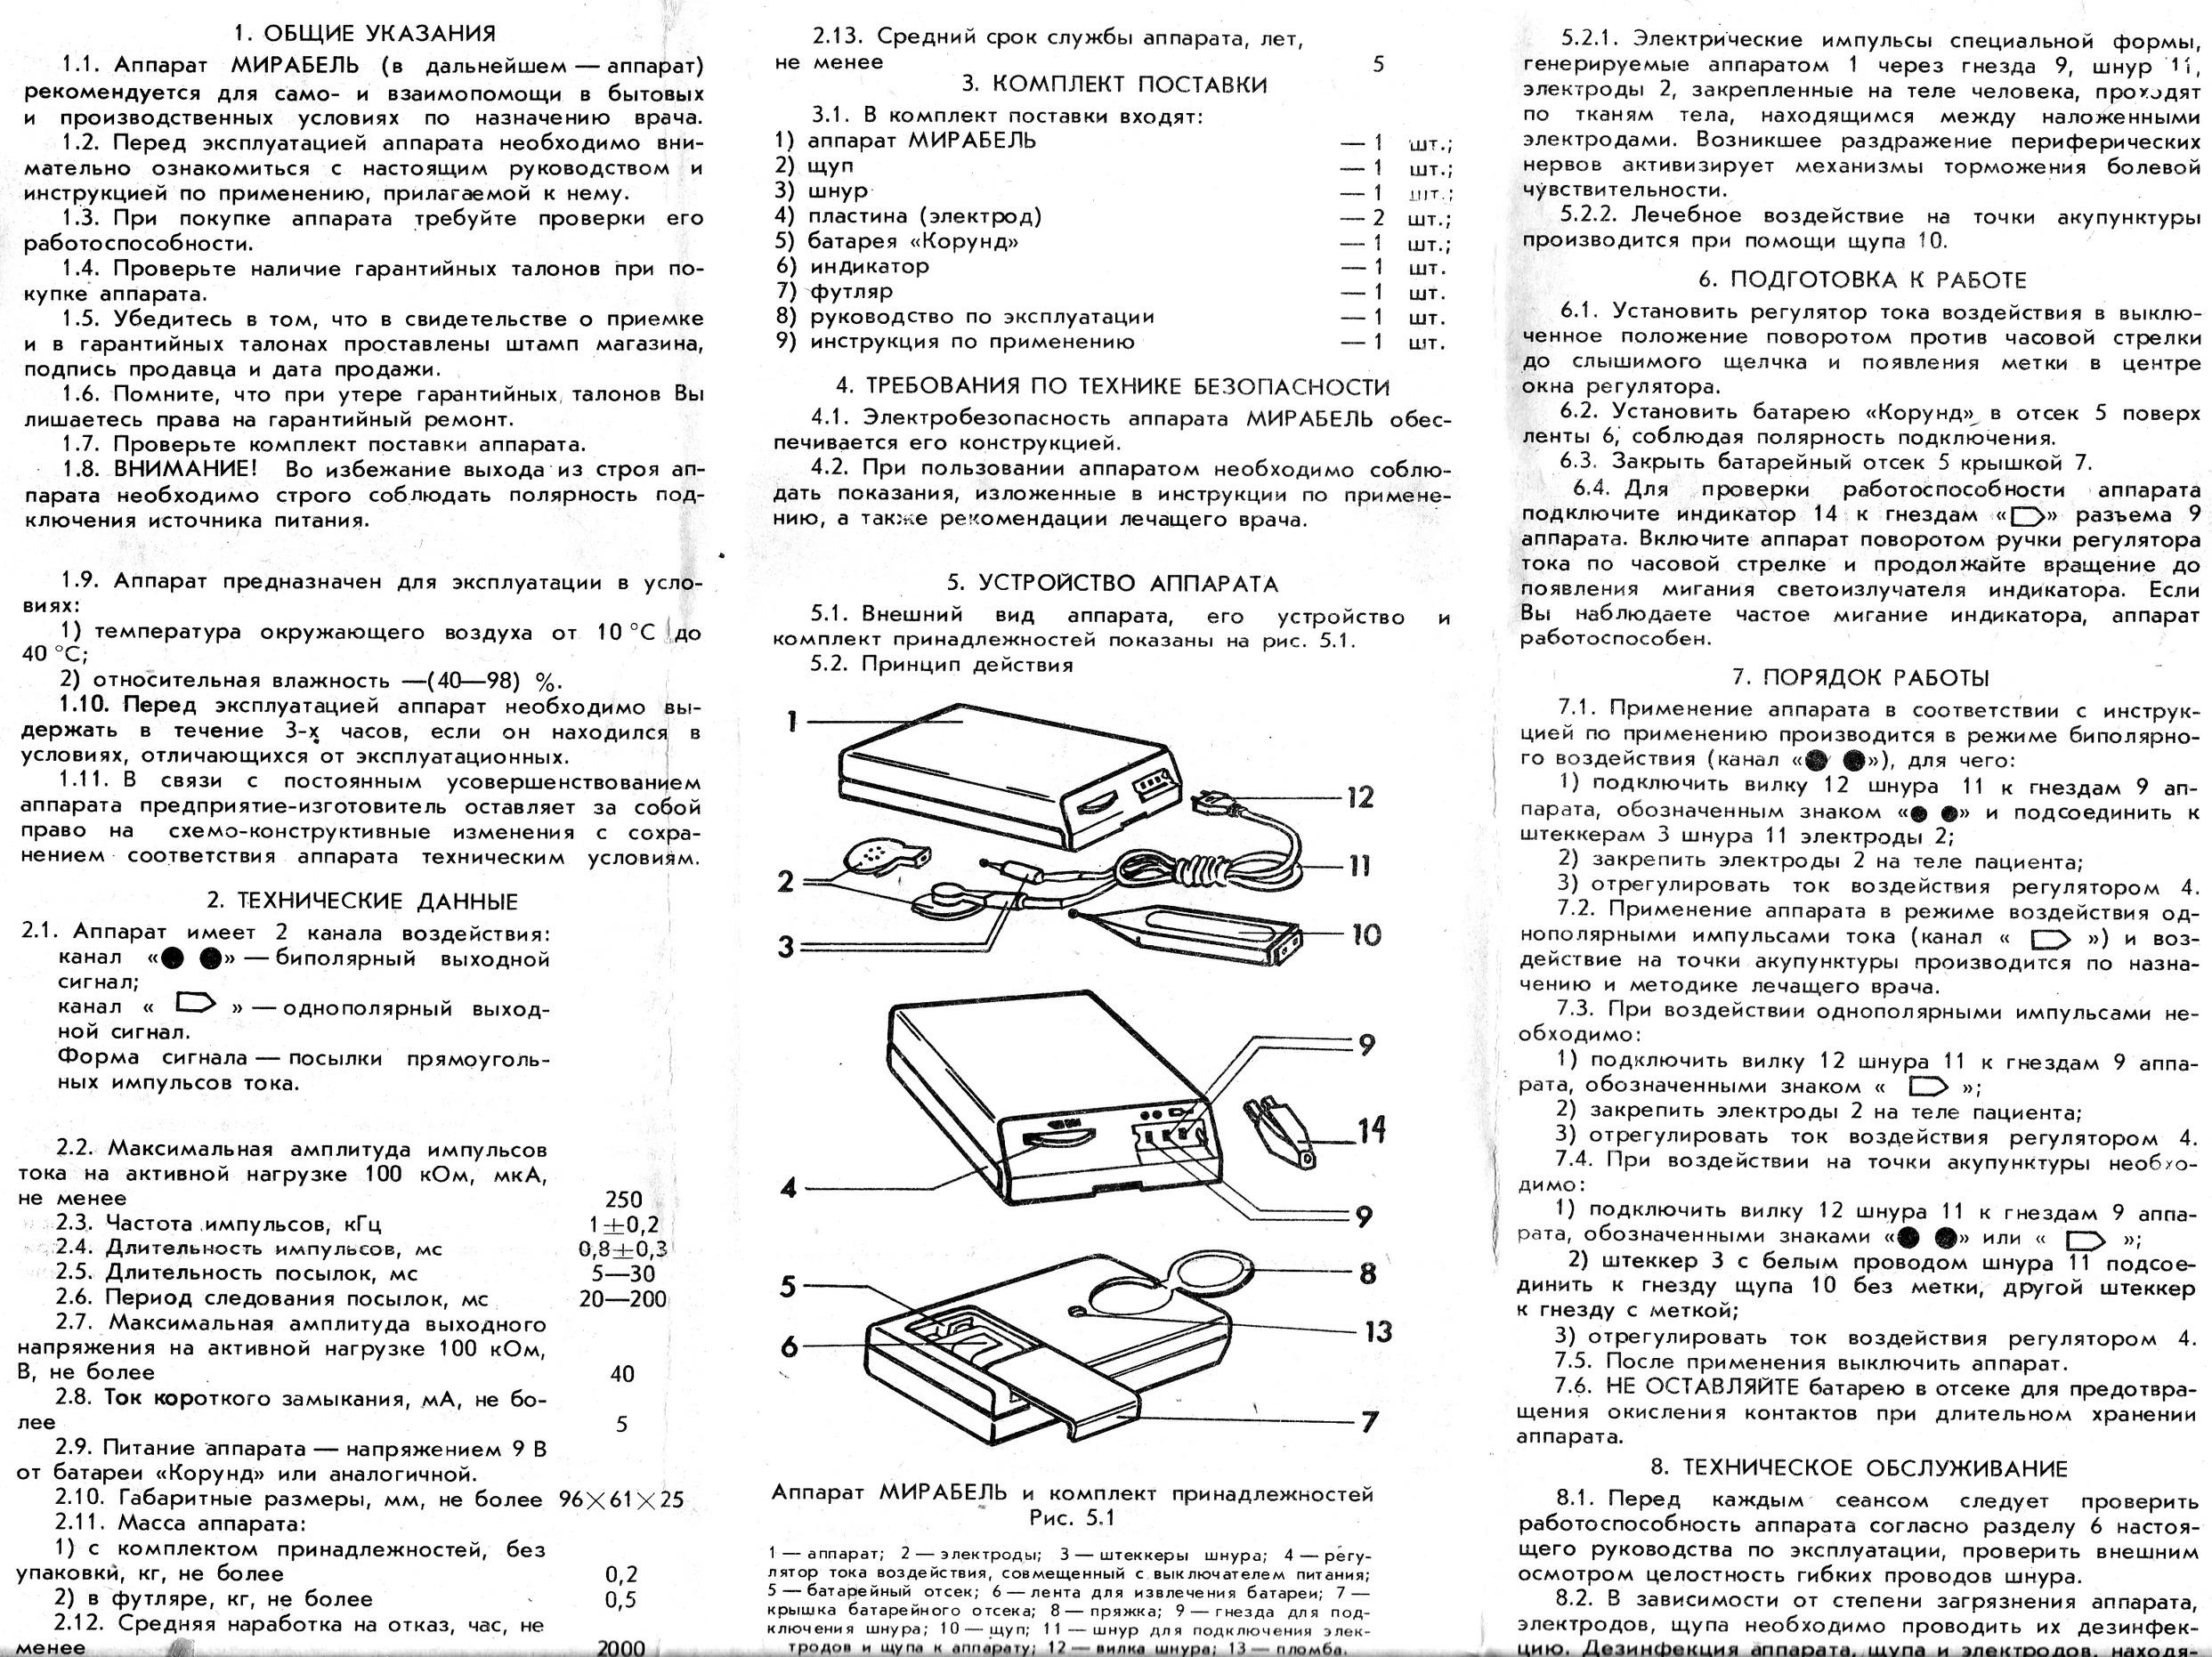 Электроанальгизатор мирабель и его инструкция